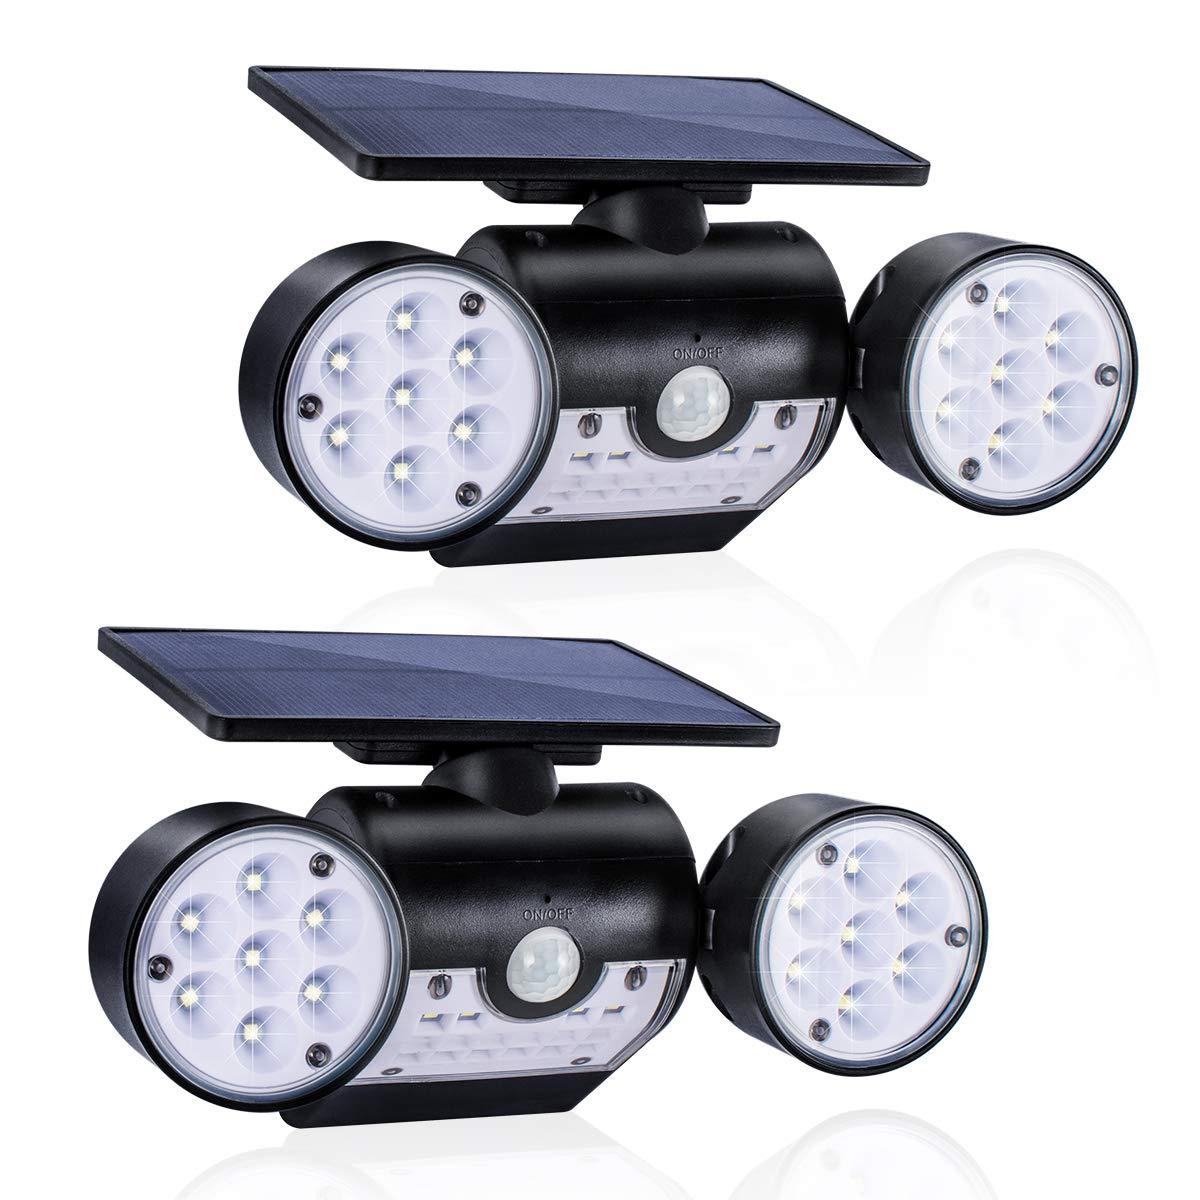 GIANTARM 2 Stück LED Solarleuchte für Außen